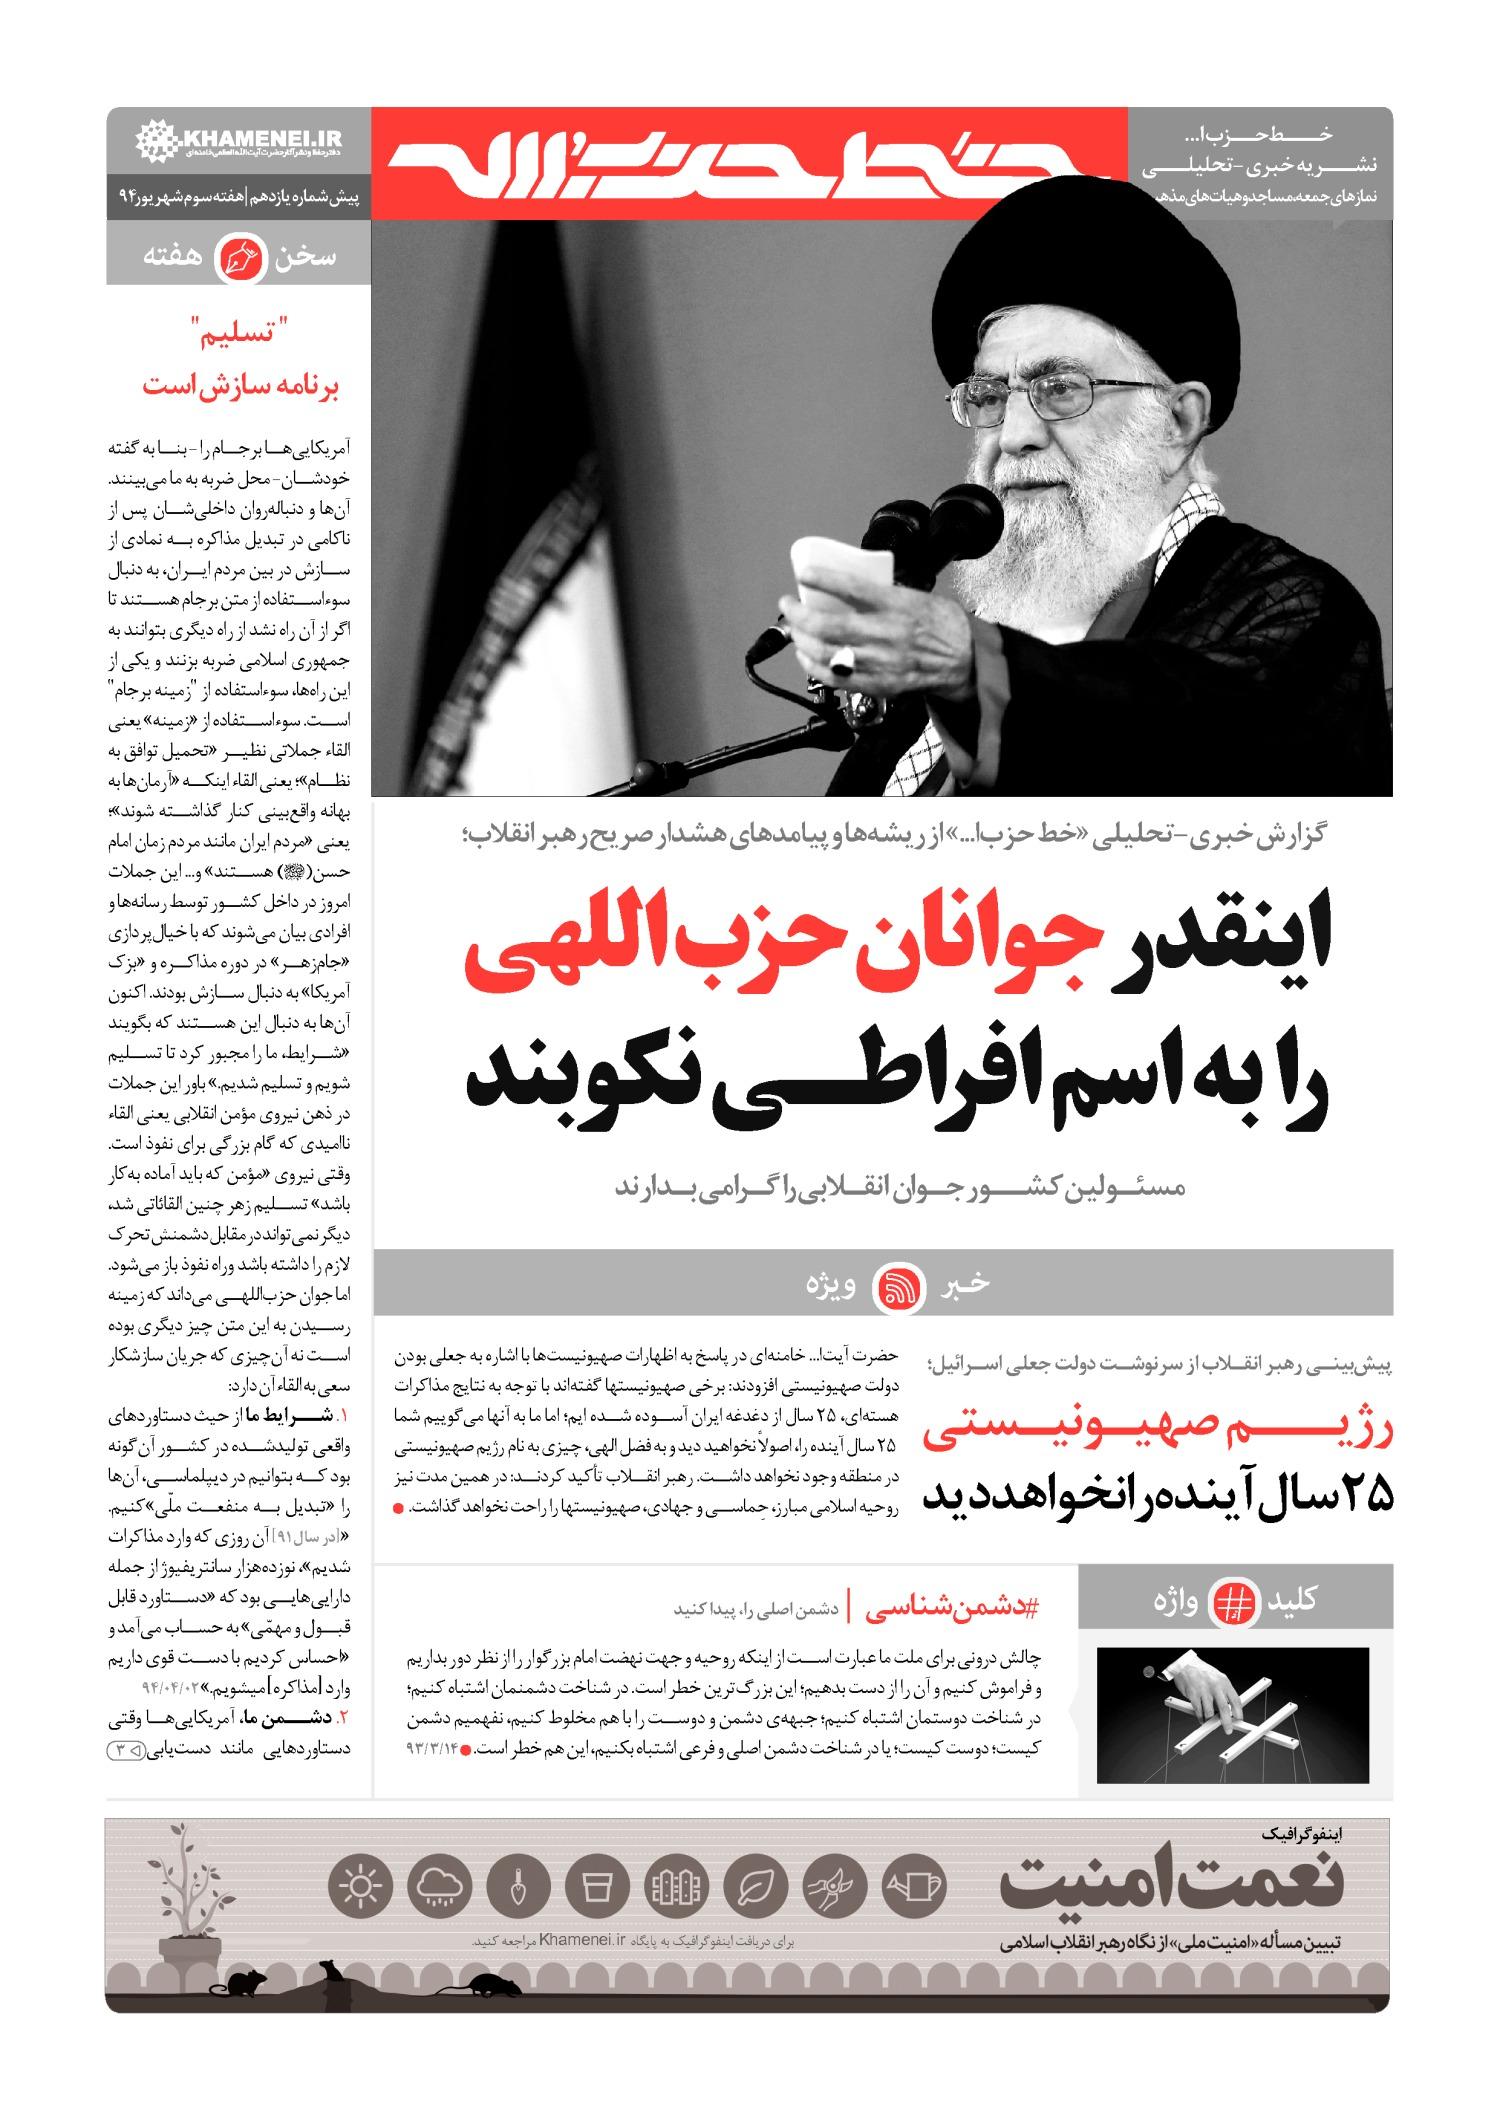 خط حزب الله -شماره پنجم خط حزب الله -پیش شماره یازدهم page large 14